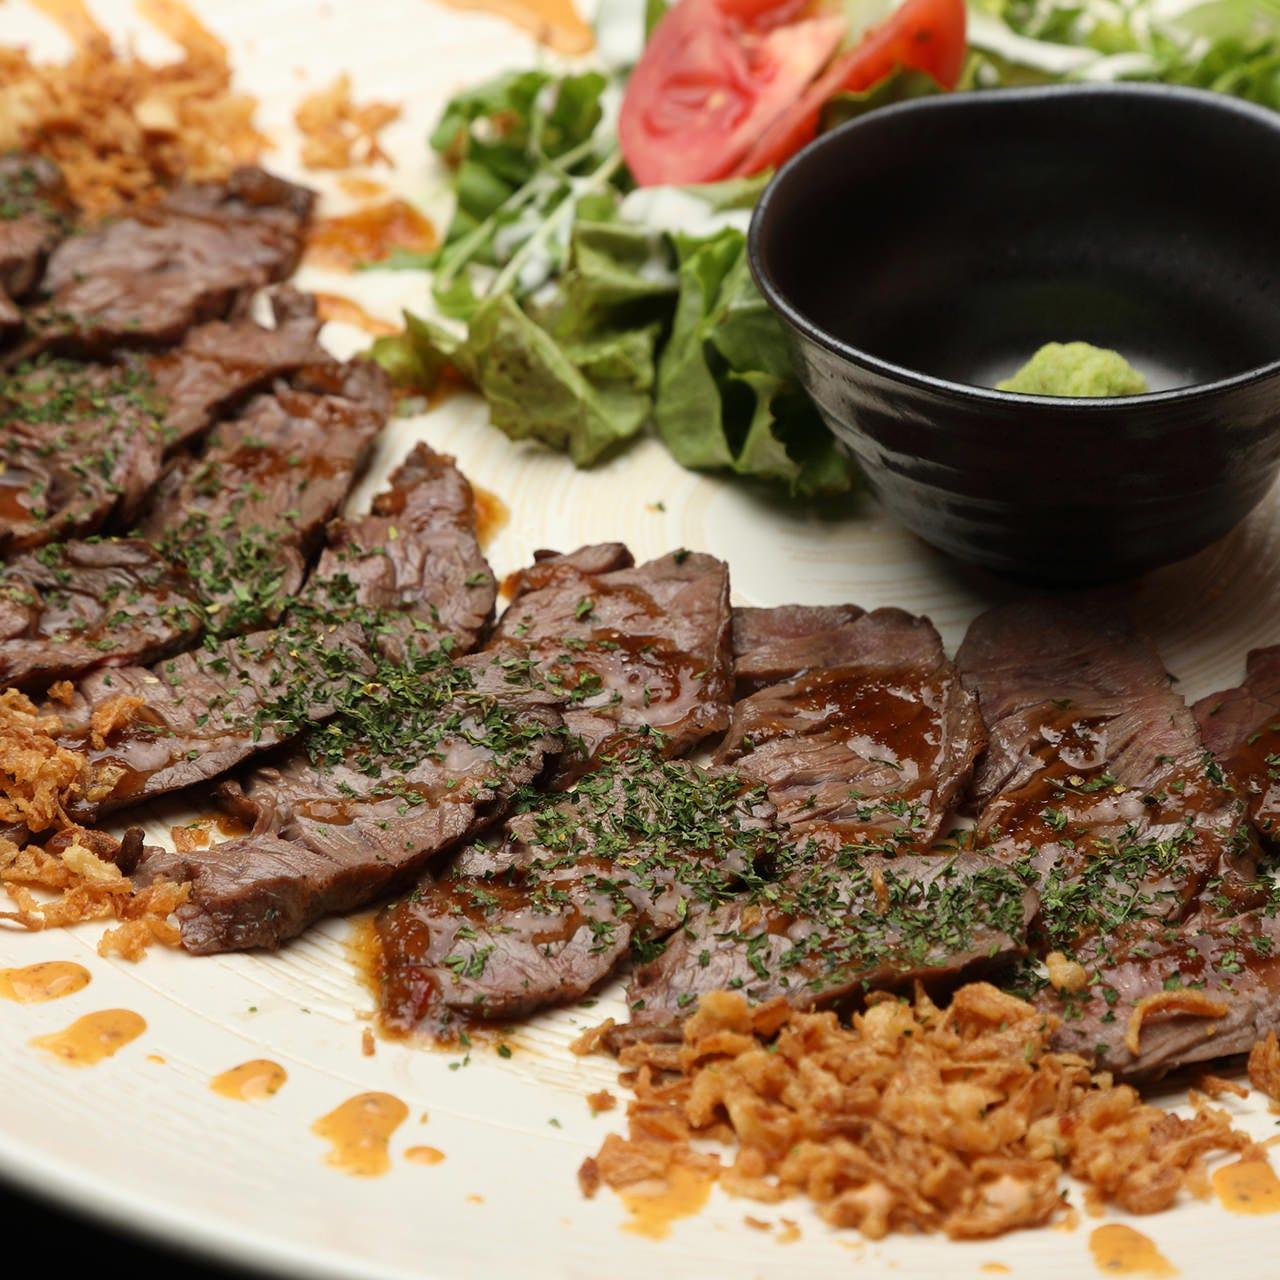 牛肉の美味しさ際立つ「牛ハラミのたたき」は当店1番人気